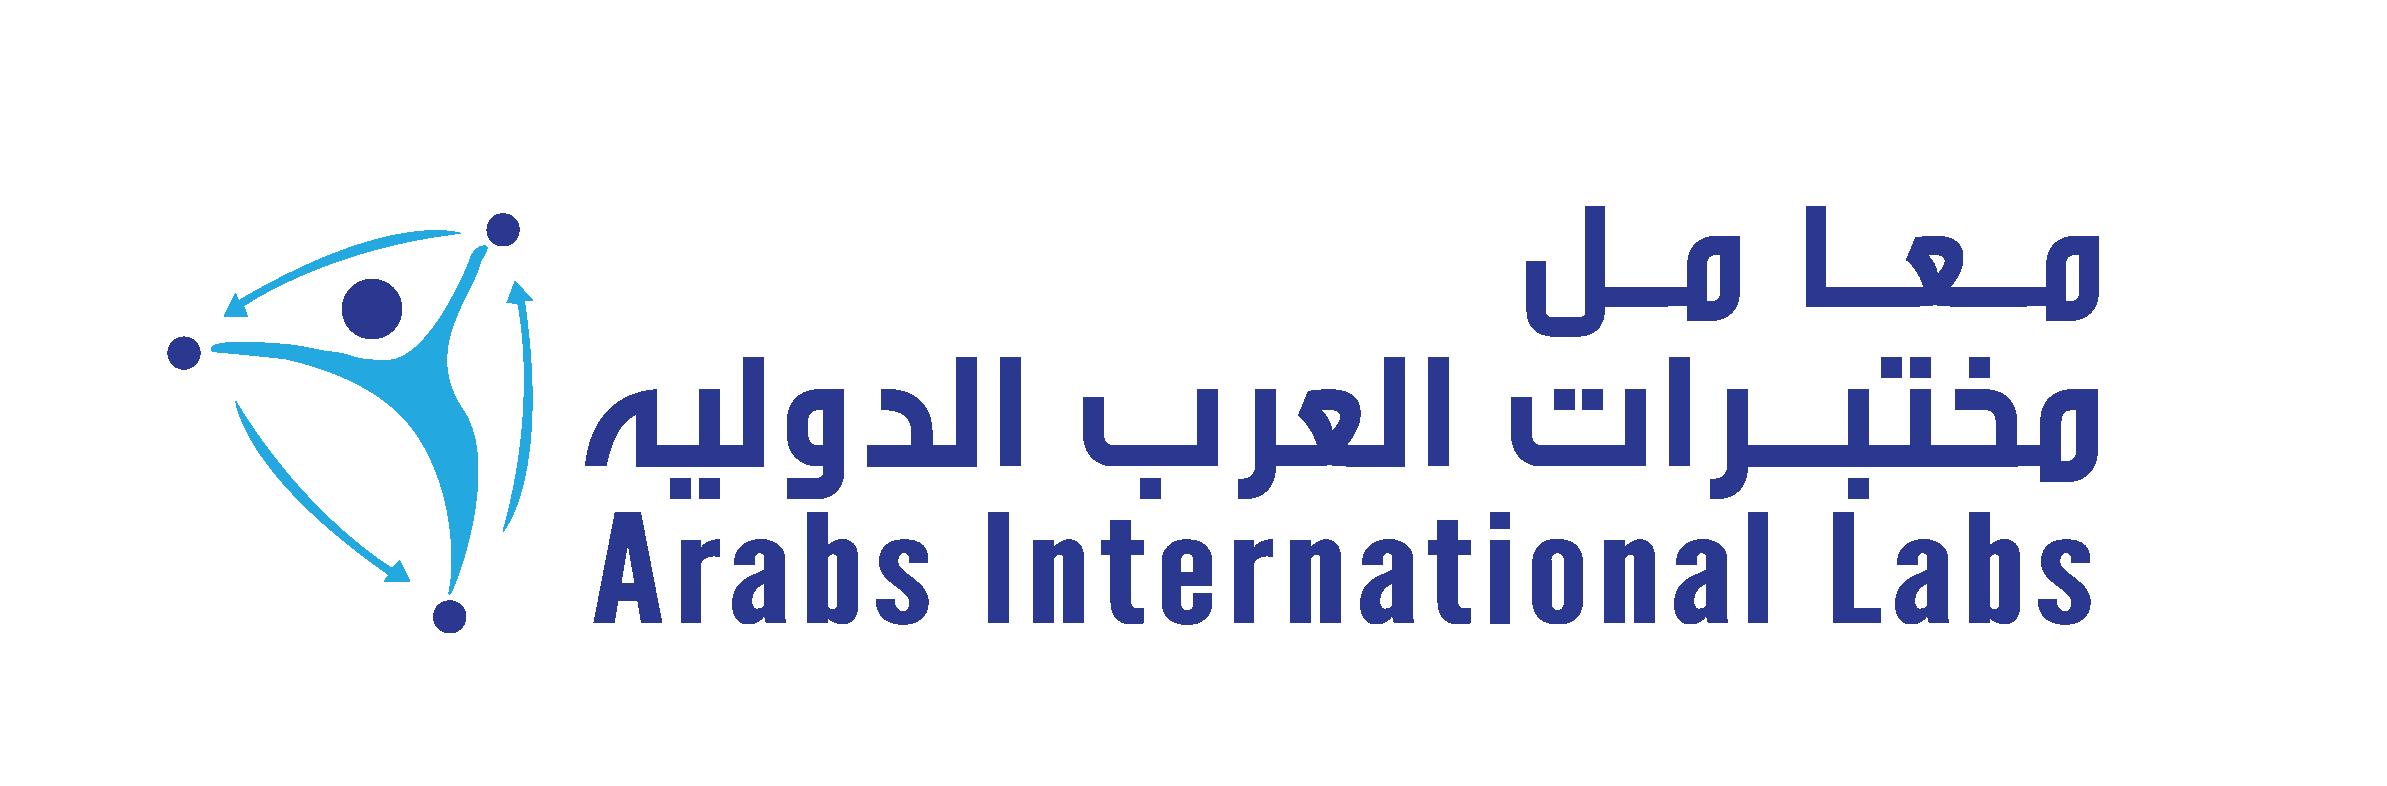 لوجو مختبرات العرب  الدولية للتحاليل الطبية